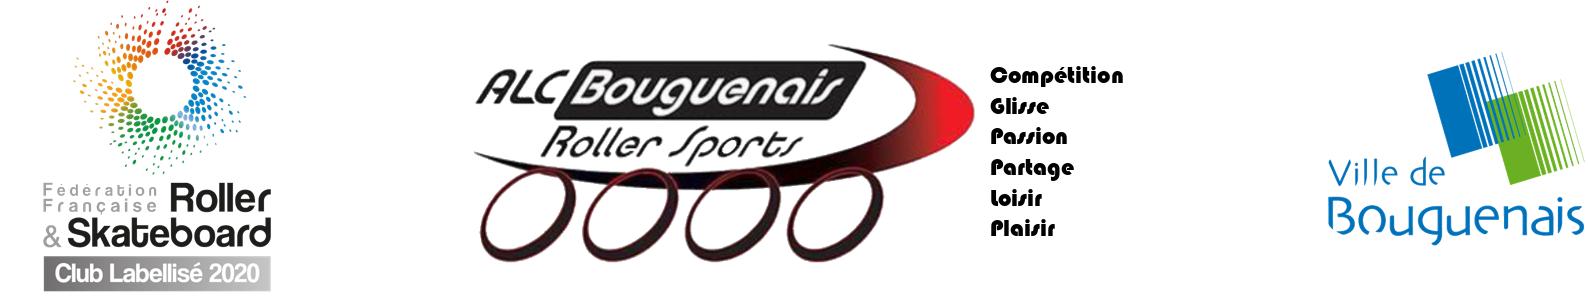 Bouguenais Roller Sports – Amicale Laïque des Couëts